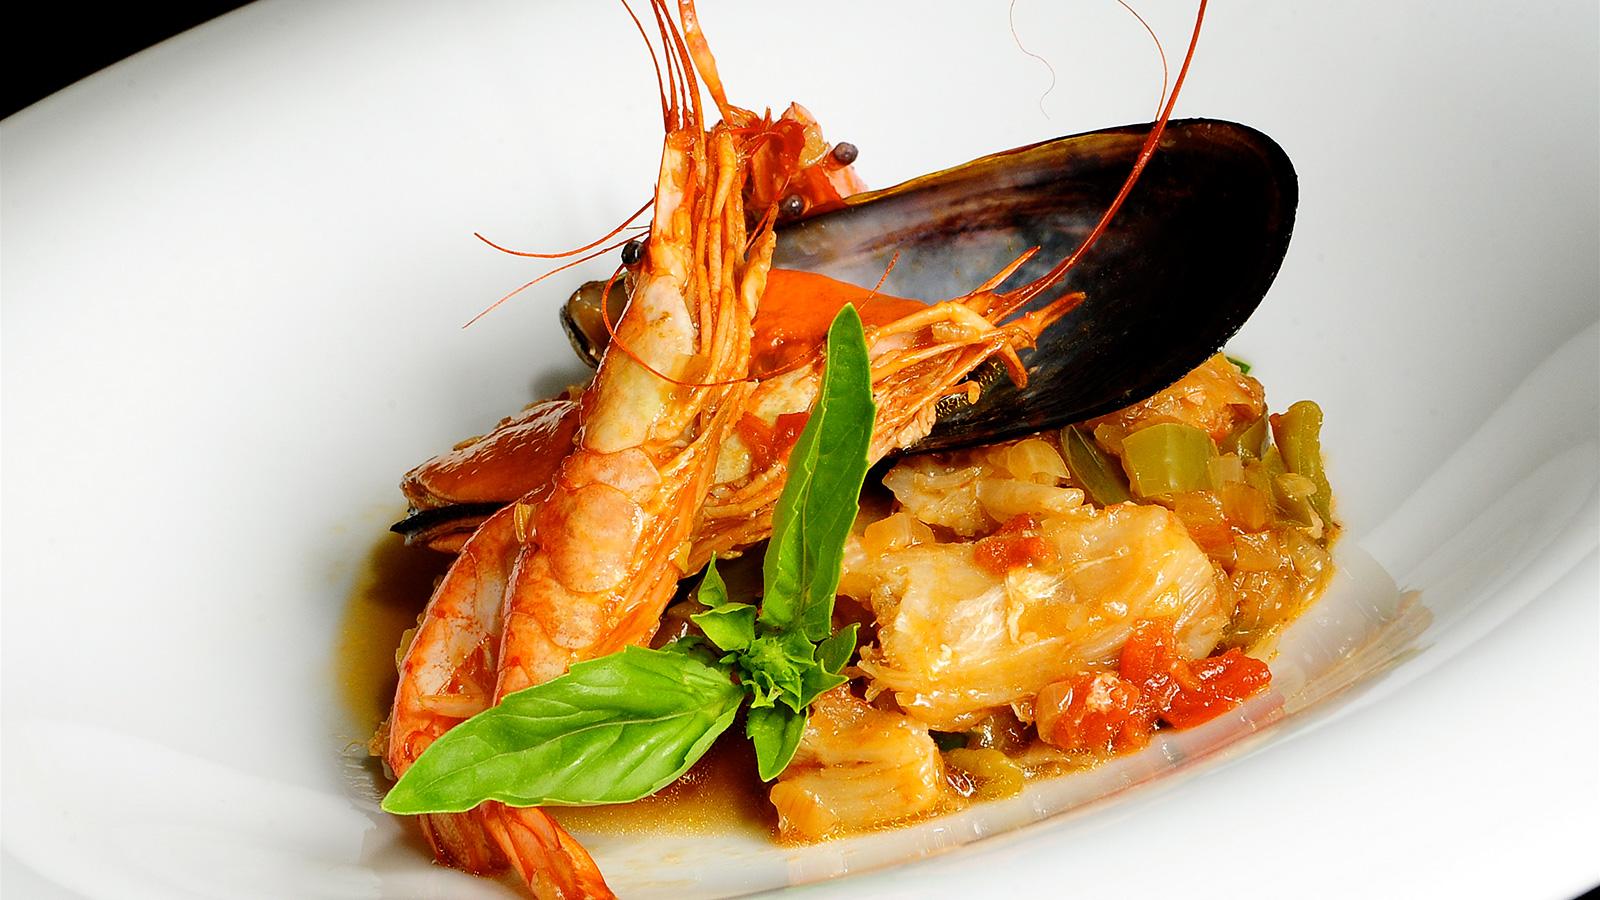 Cataplana de bacalao sergio fern ndez receta canal for Canal cocina sergio fernandez